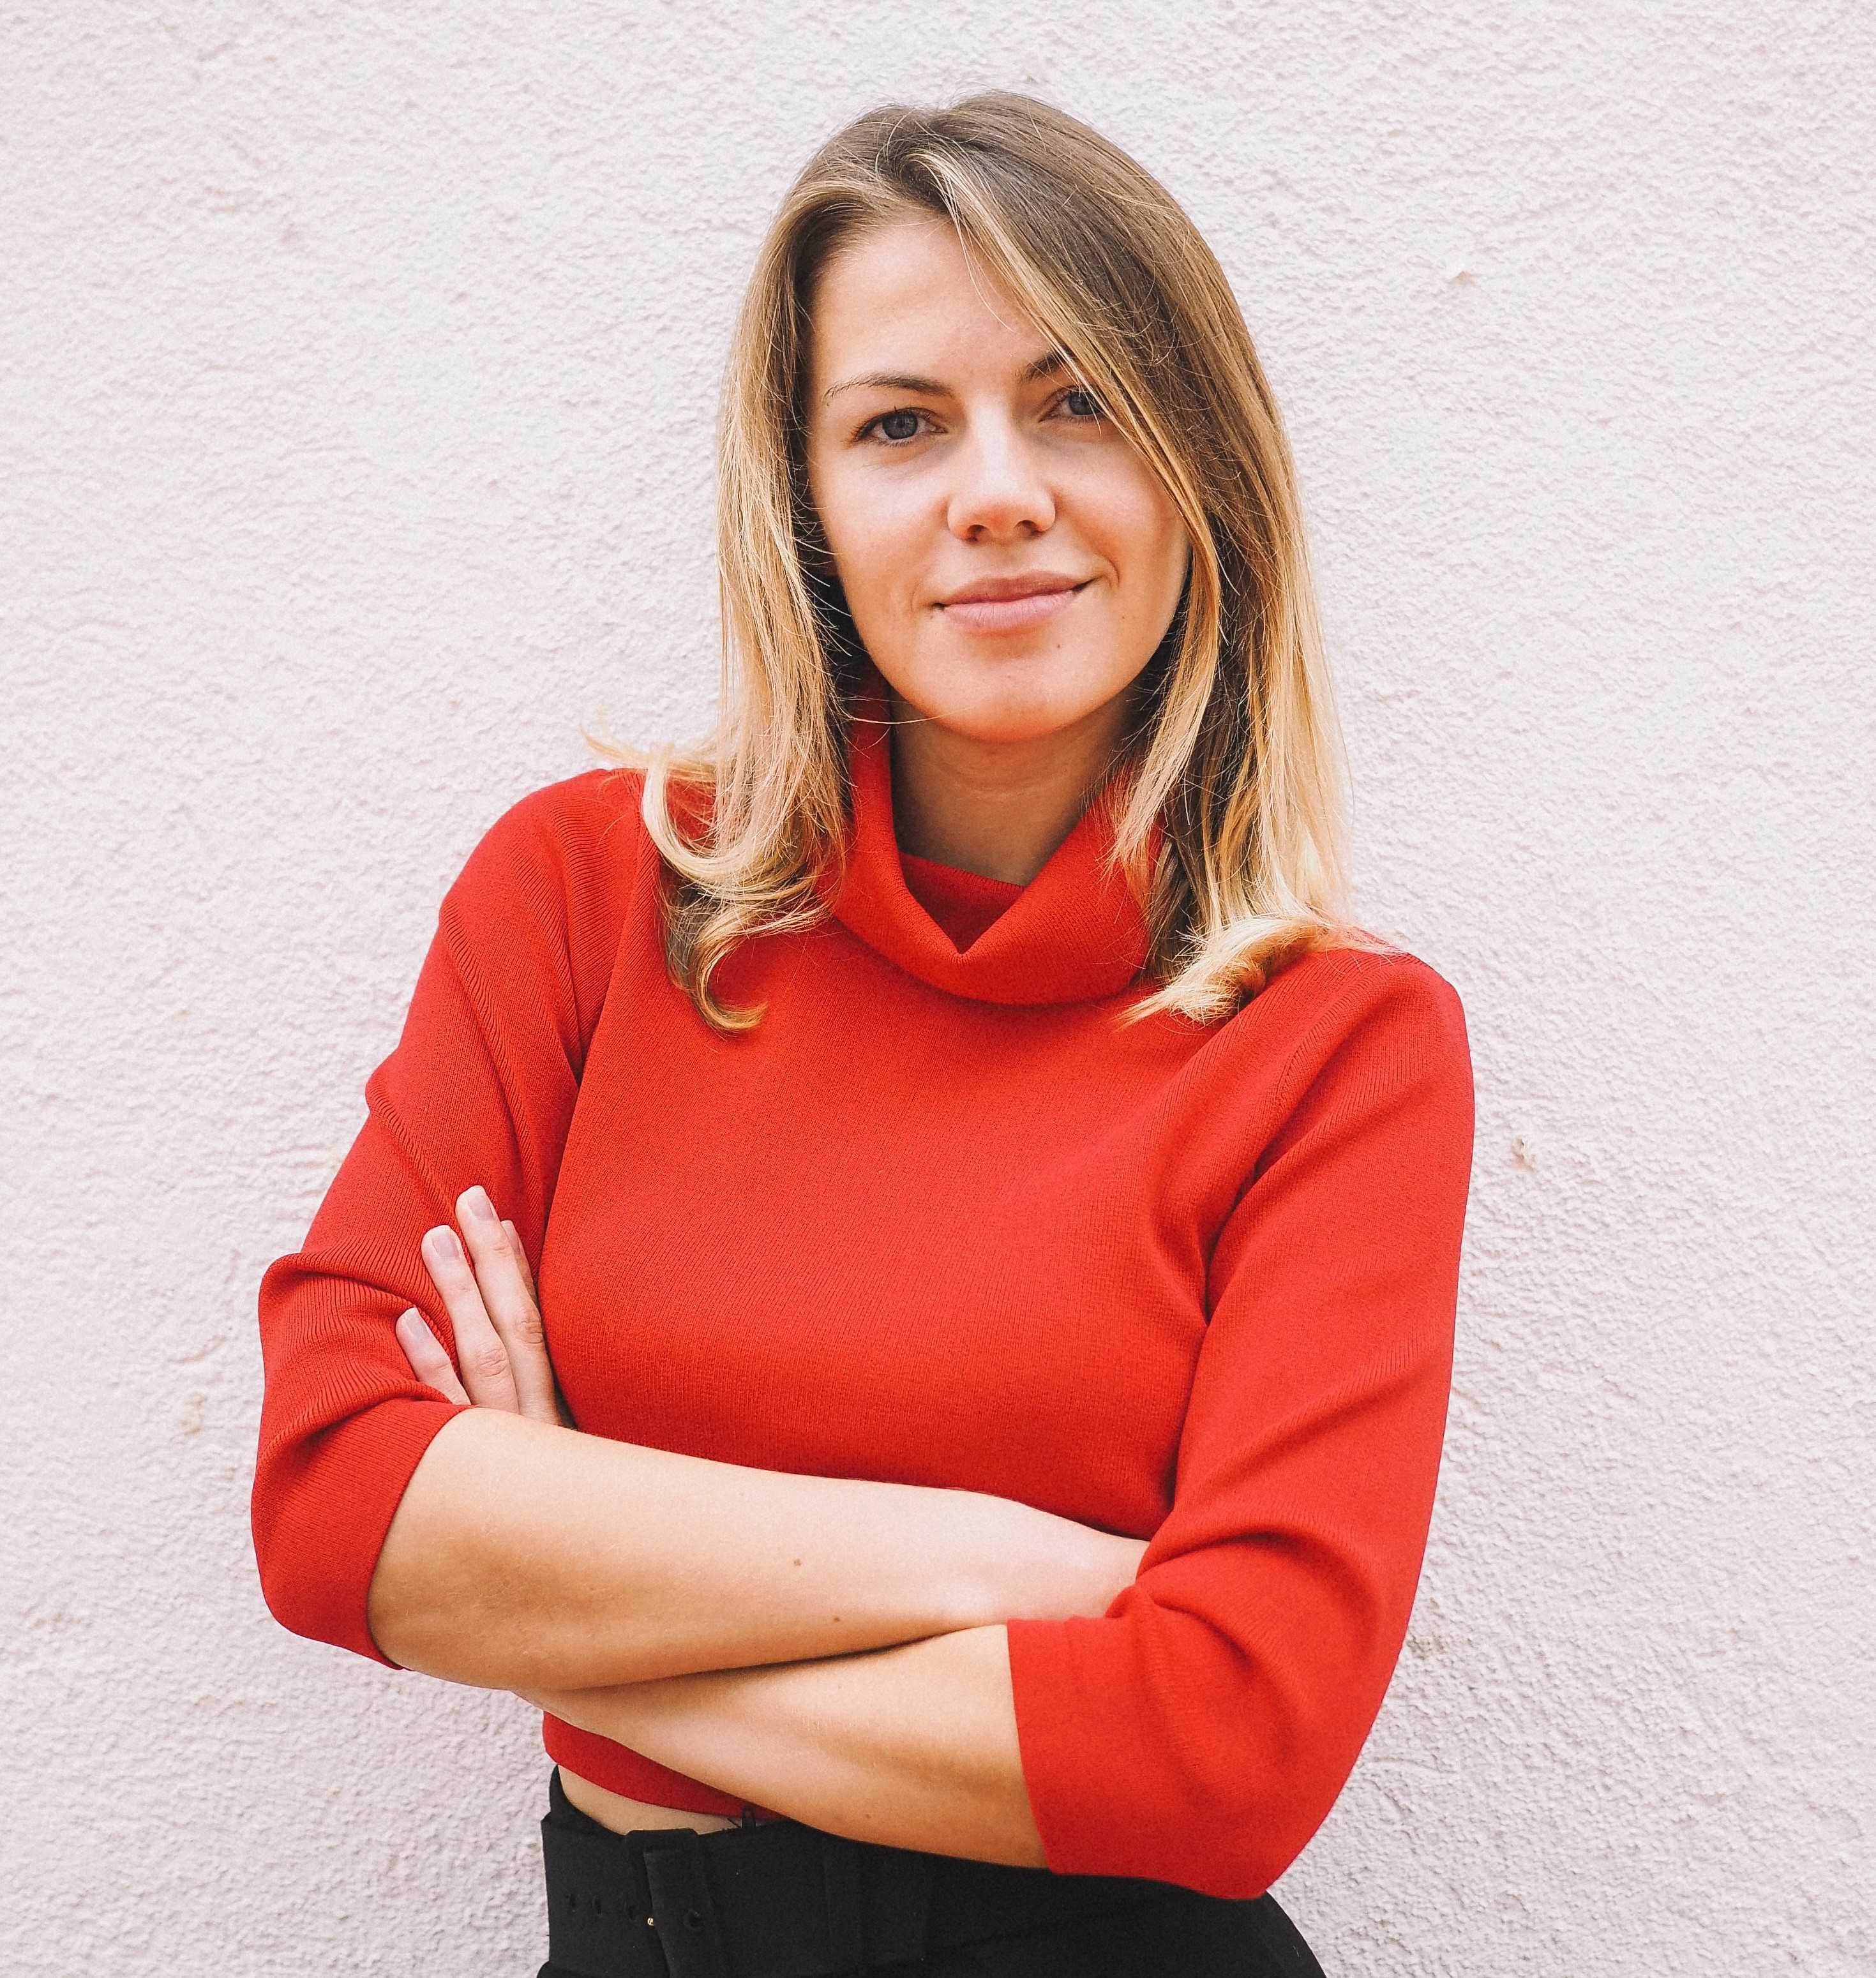 Julia Tilman